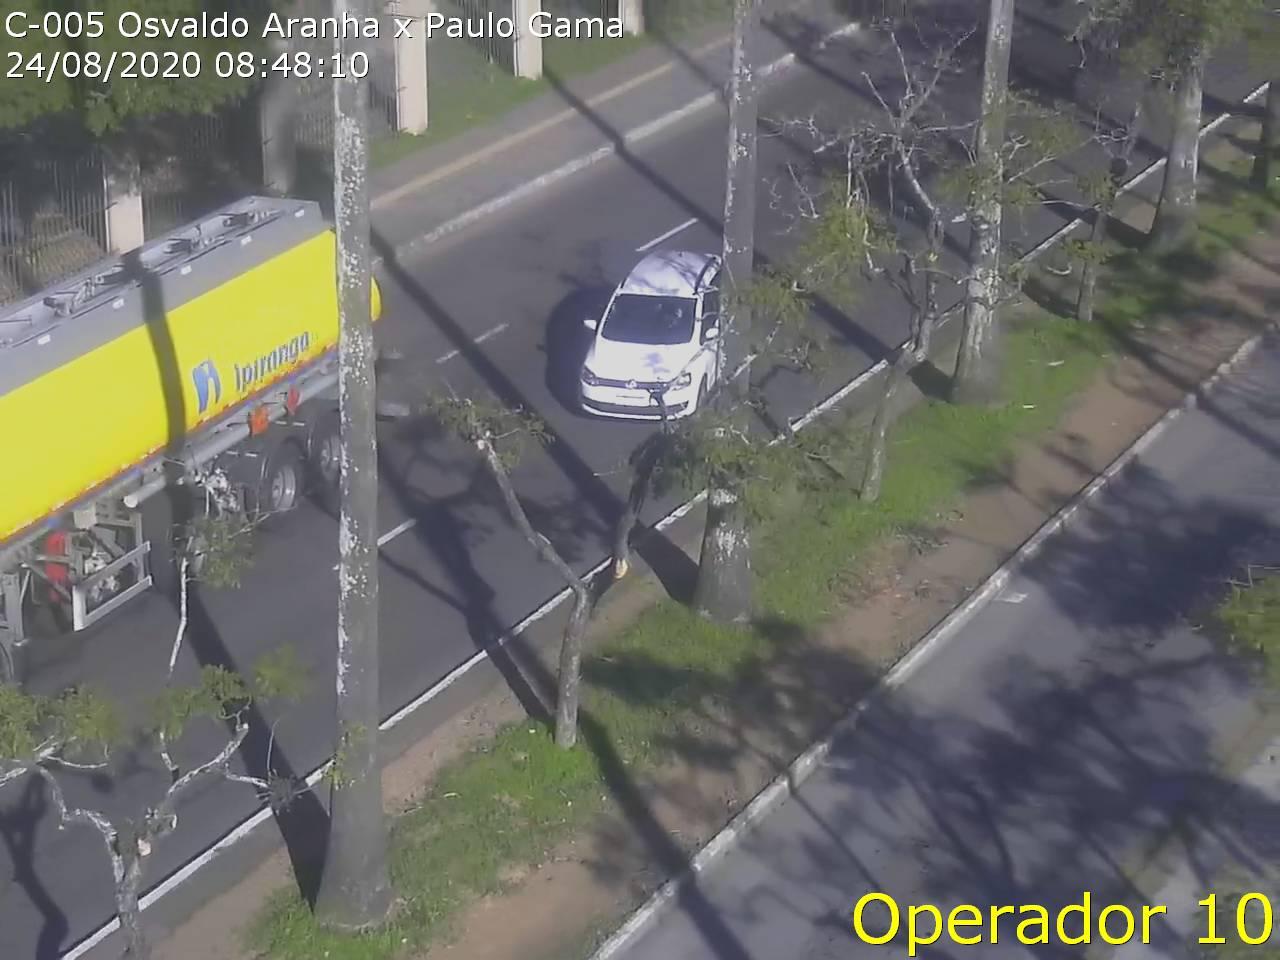 Osvaldo Paulo